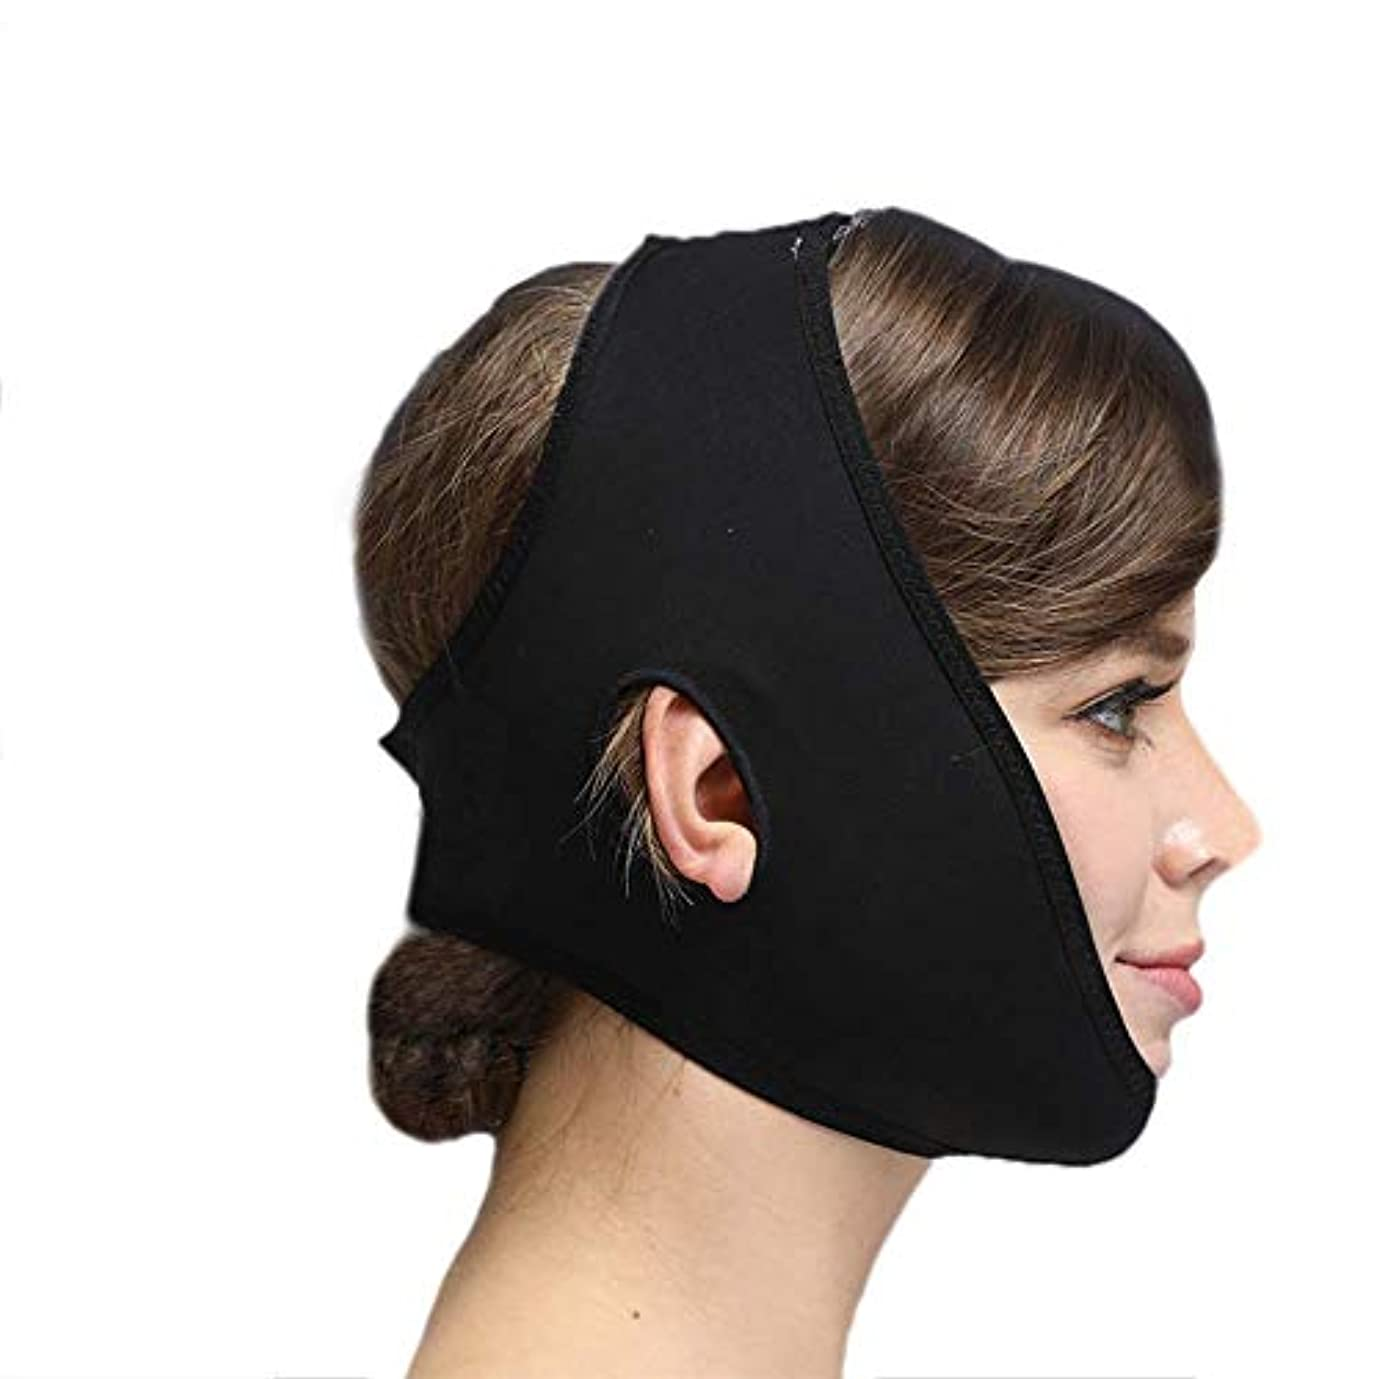 バルセロナシンポジウム入るフェイススリミングマスク、快適さと通気性、フェイシャルリフティング、輪郭の改善された硬さ、ファーミングとリフティングフェイス(カラー:ブラック、サイズ:XL),ブラック2、S